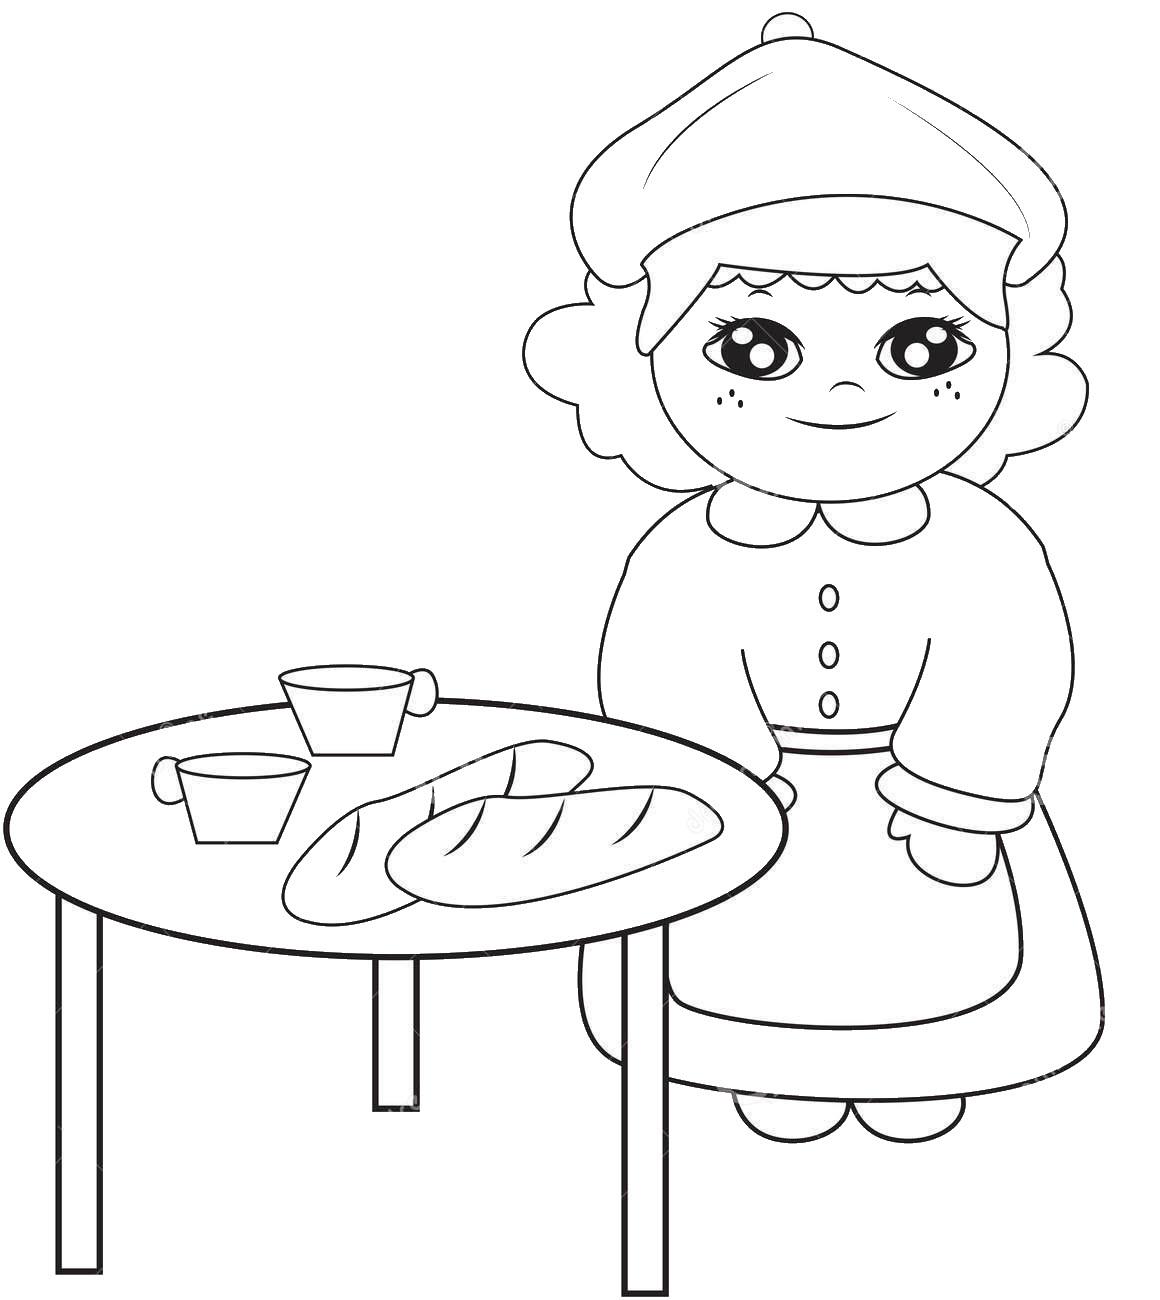 Tranh tô màu bé và cái bàn ăn sáng